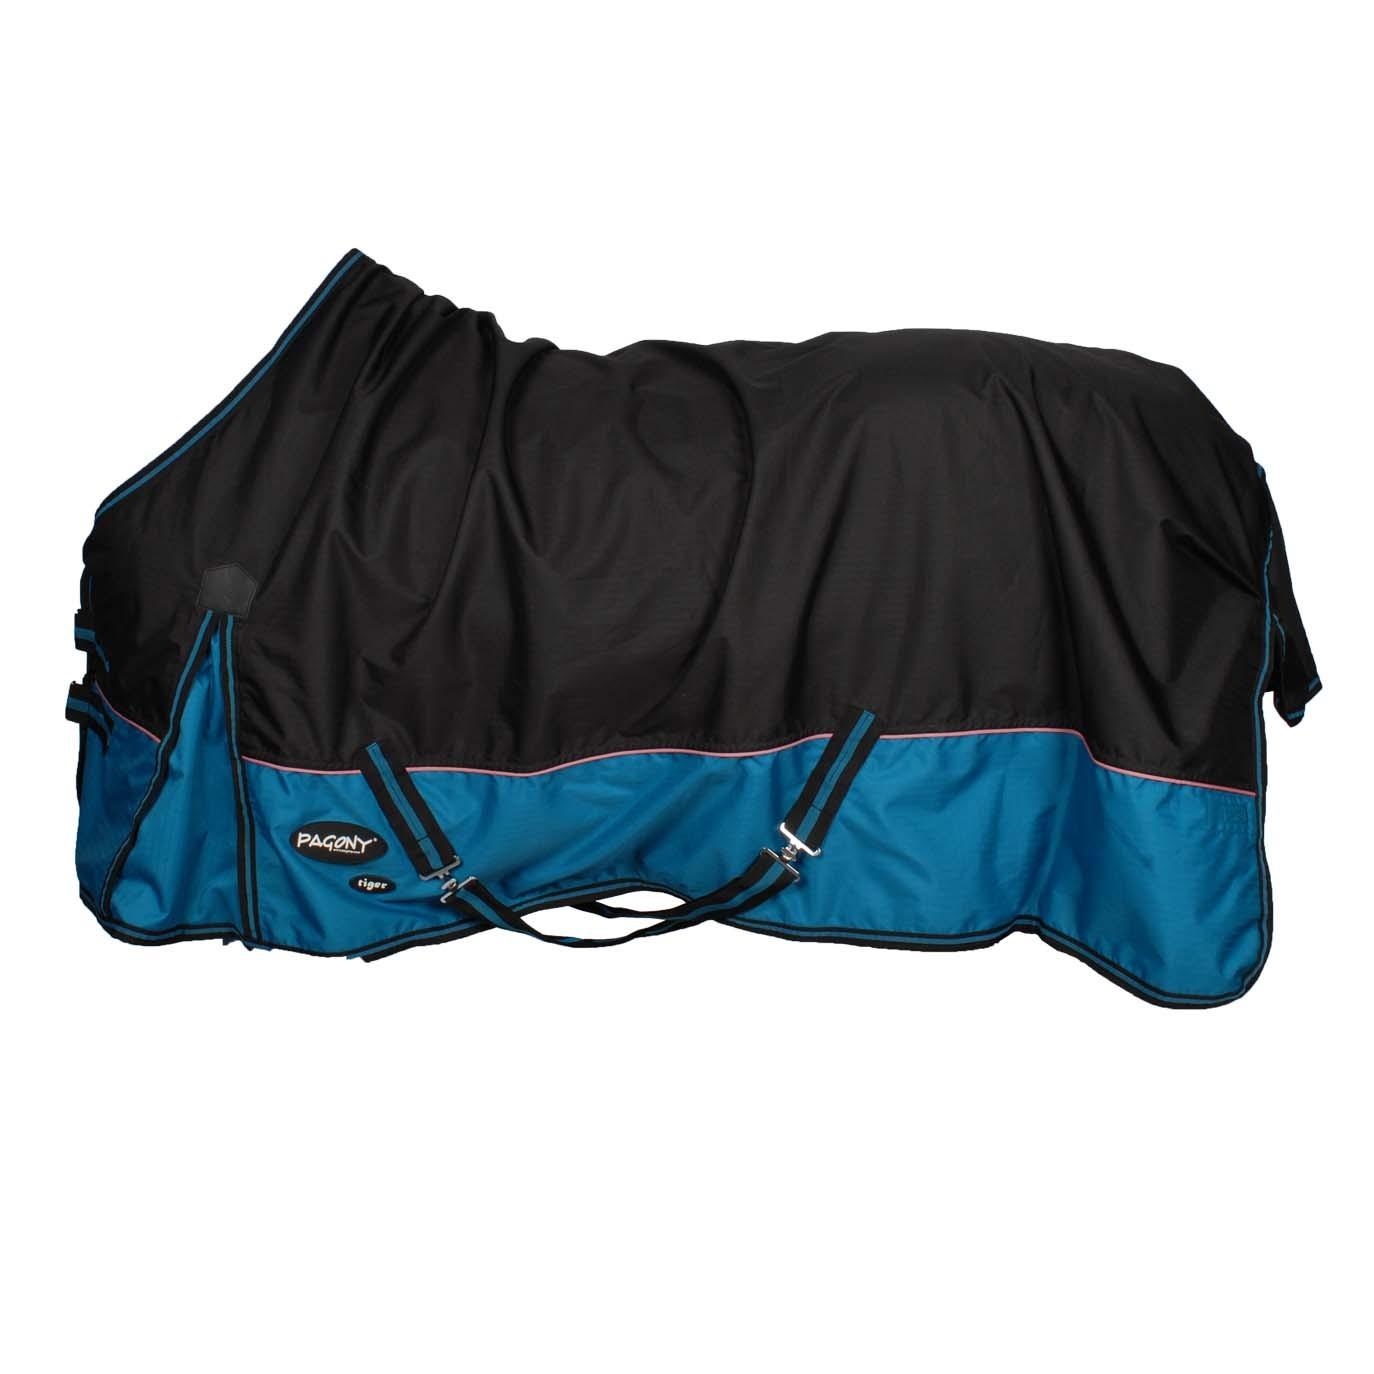 Pagony Tiger 0gr outdoor deken zwart maat:165